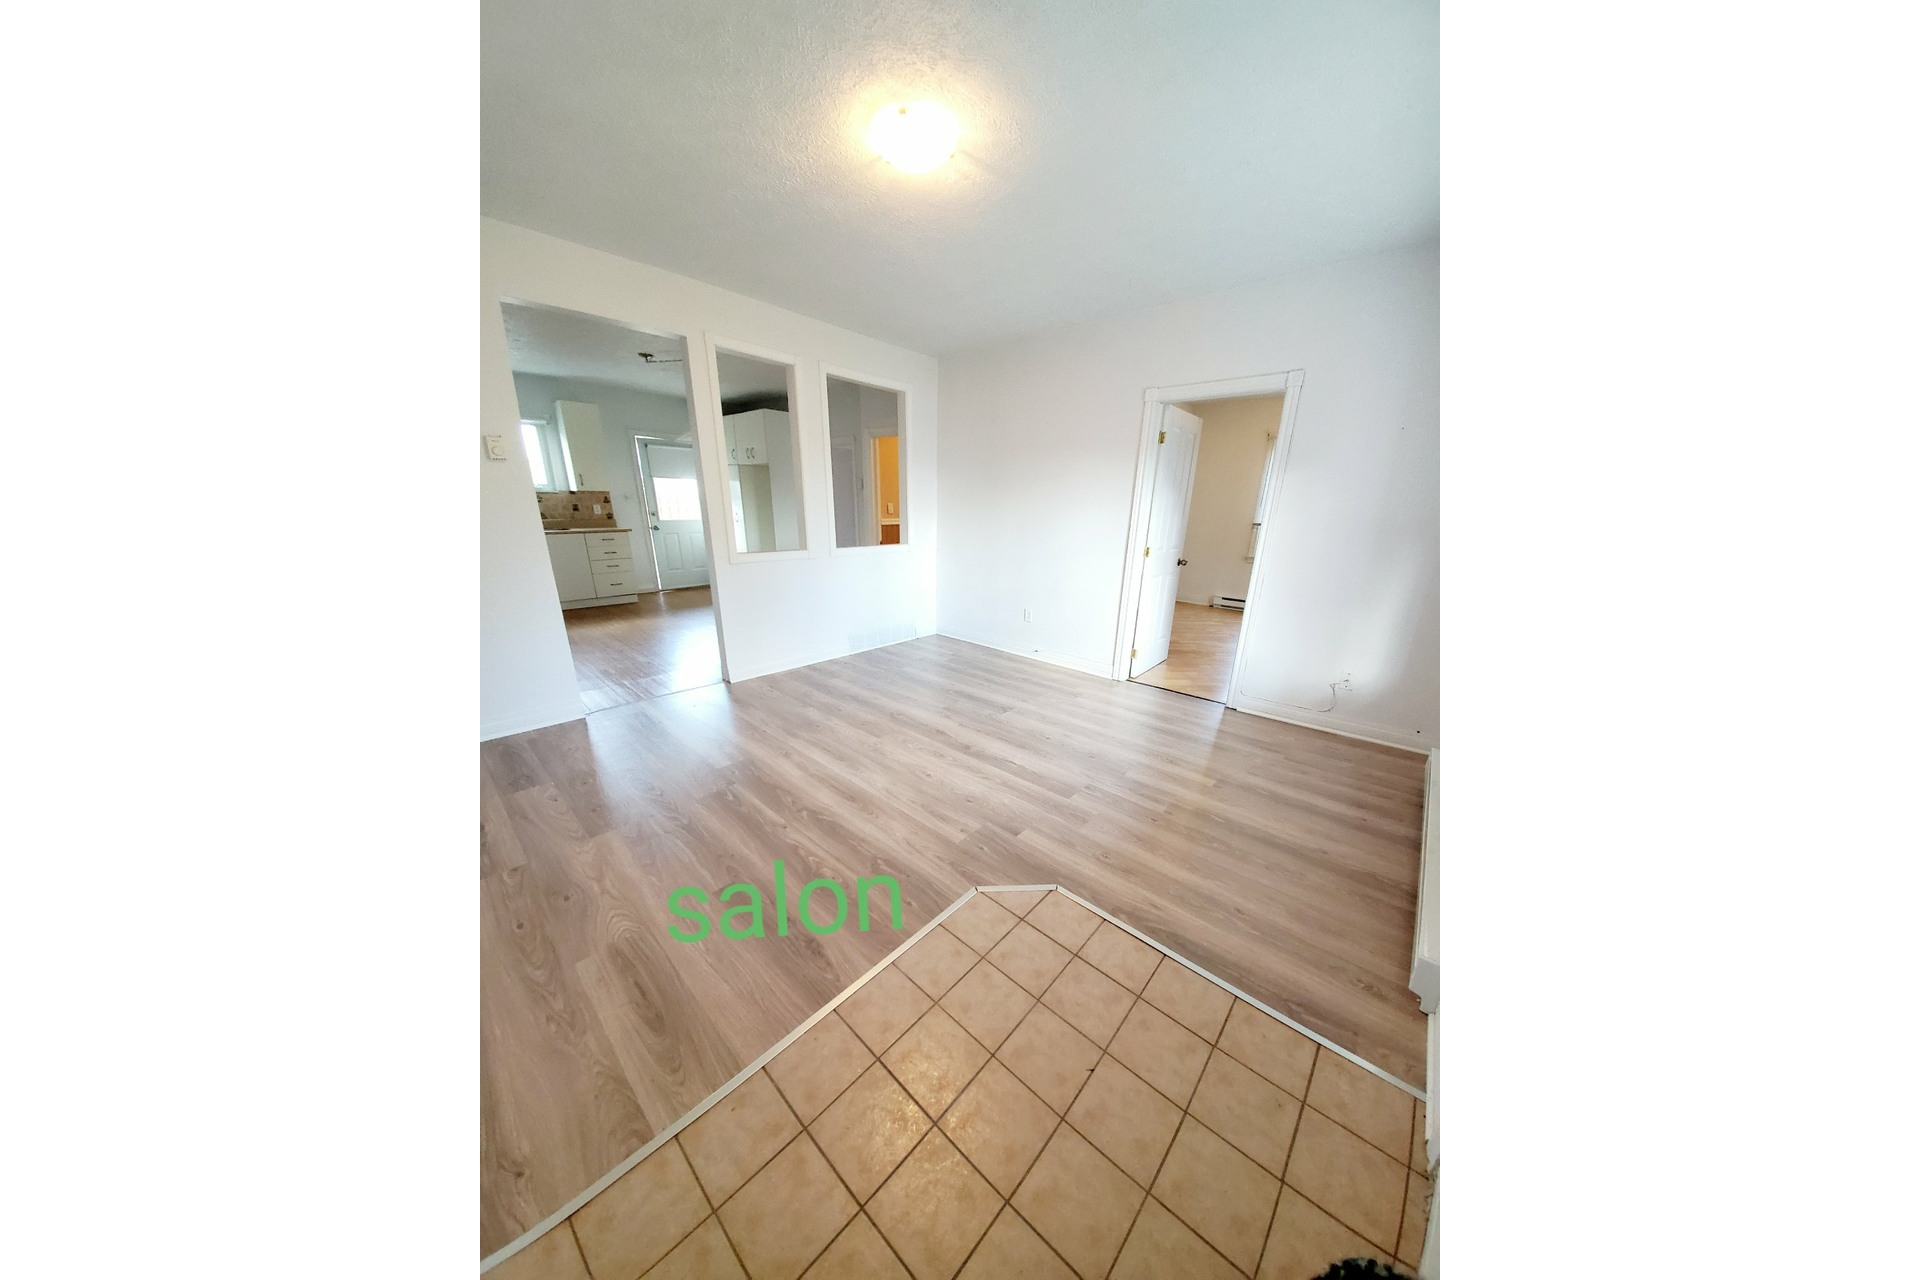 image 3 - Duplex À vendre Saint-Jean-sur-Richelieu - 4 pièces